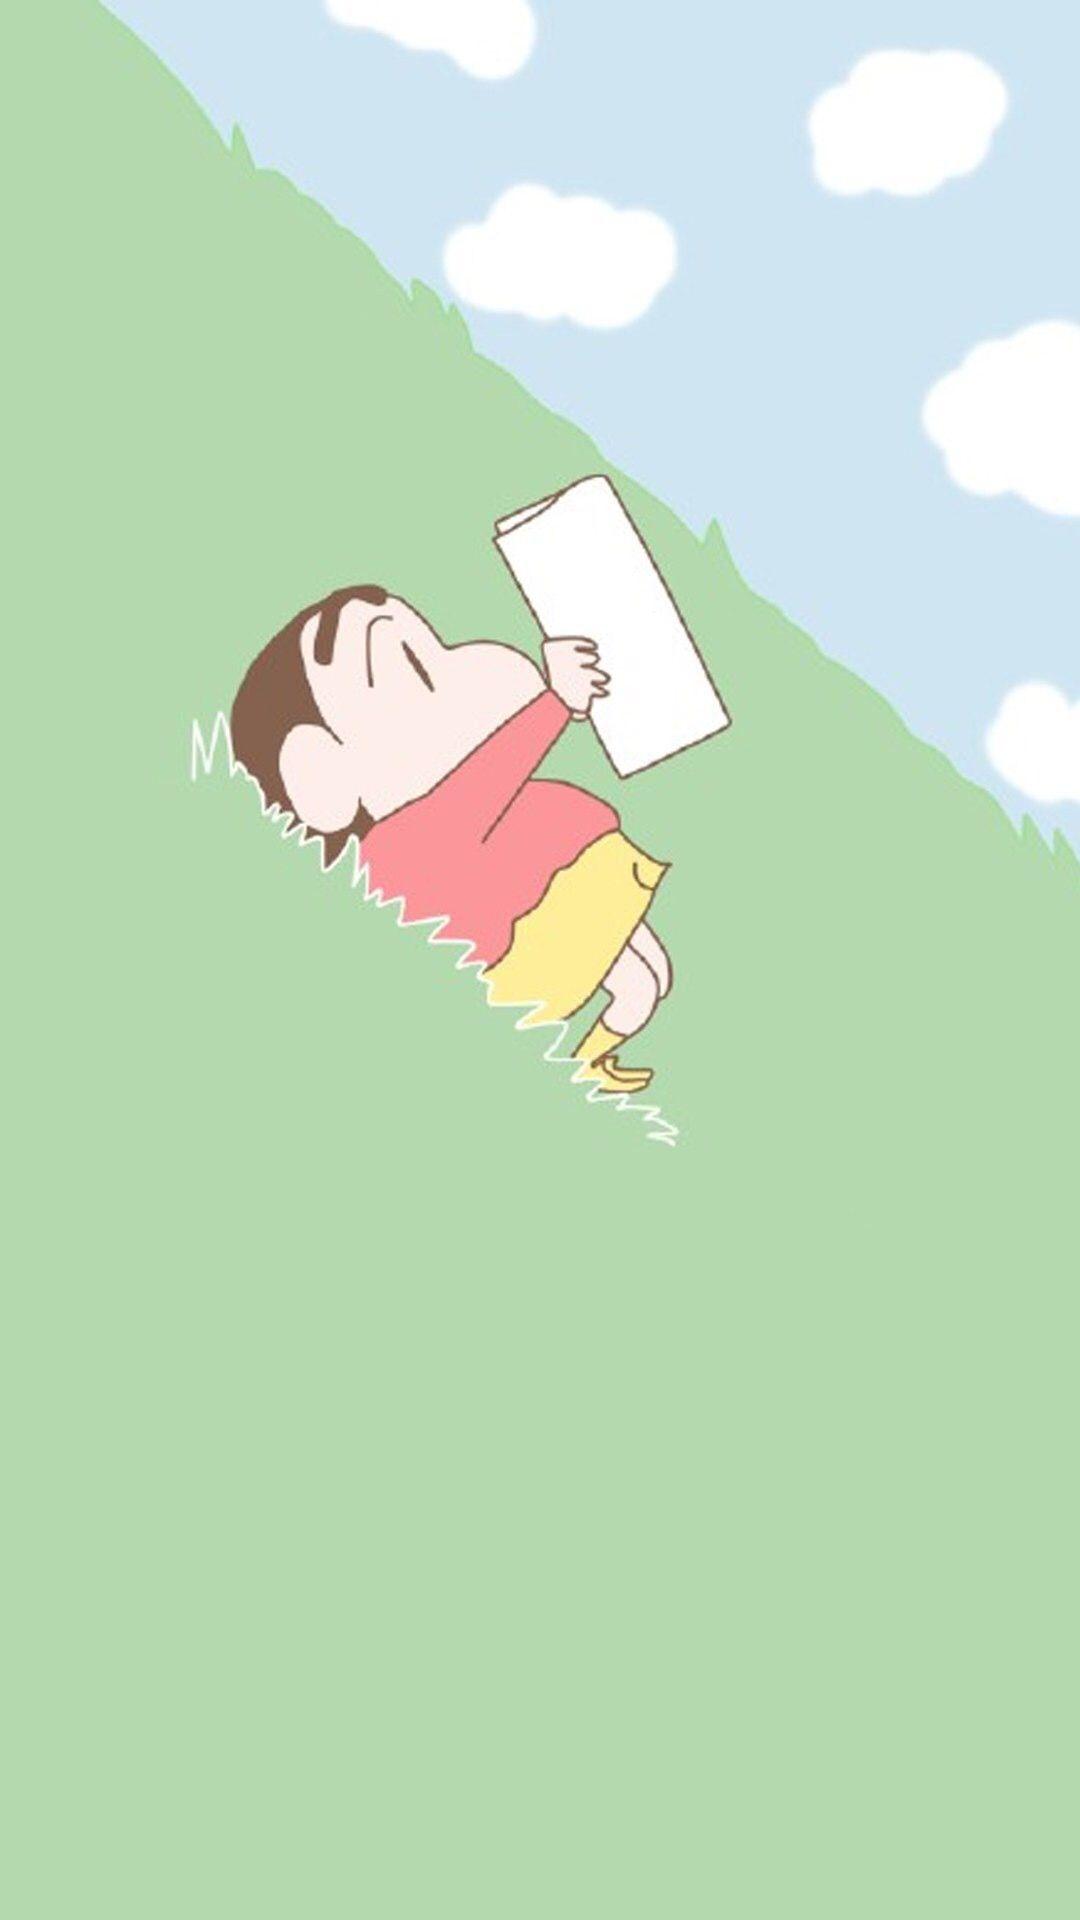 壁紙 可愛い クレヨン しんちゃん